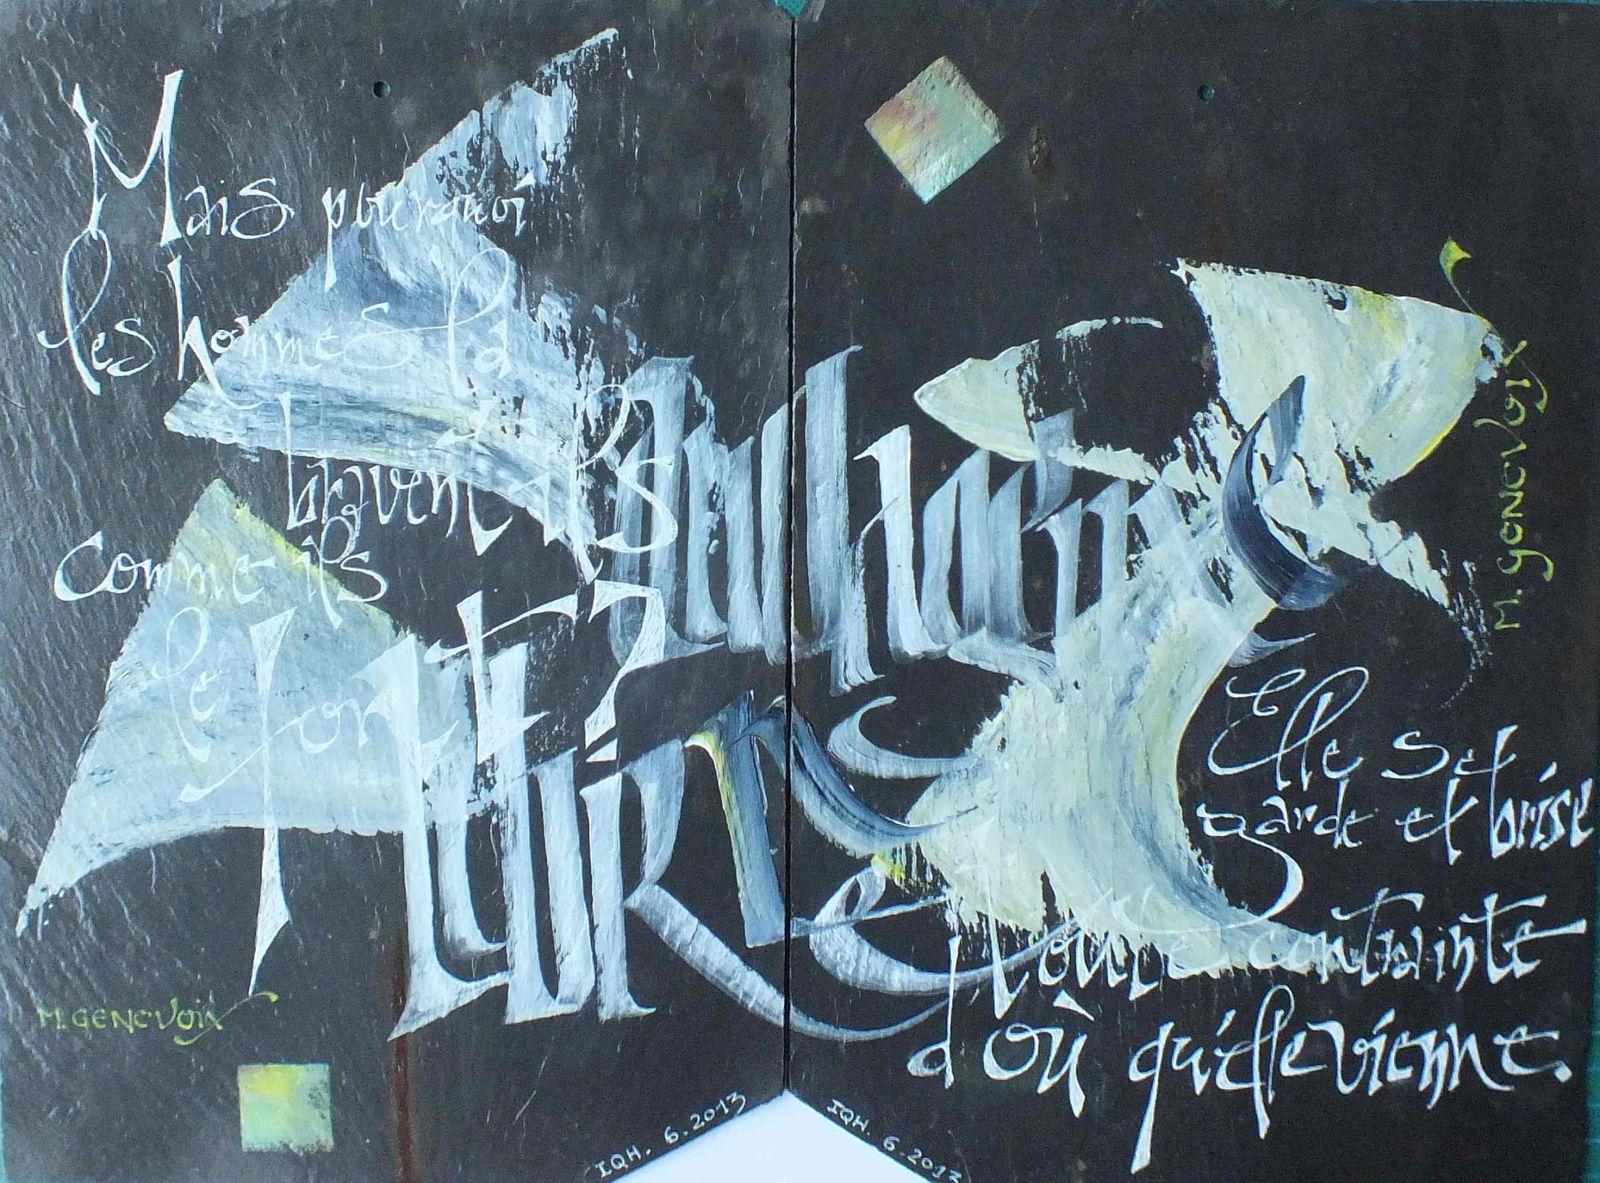 Calligraphie avec du carton-bois et de l'acrylique pour les grandes lettres, et une plume Mitchell et de l'acrylique blanc de titane.